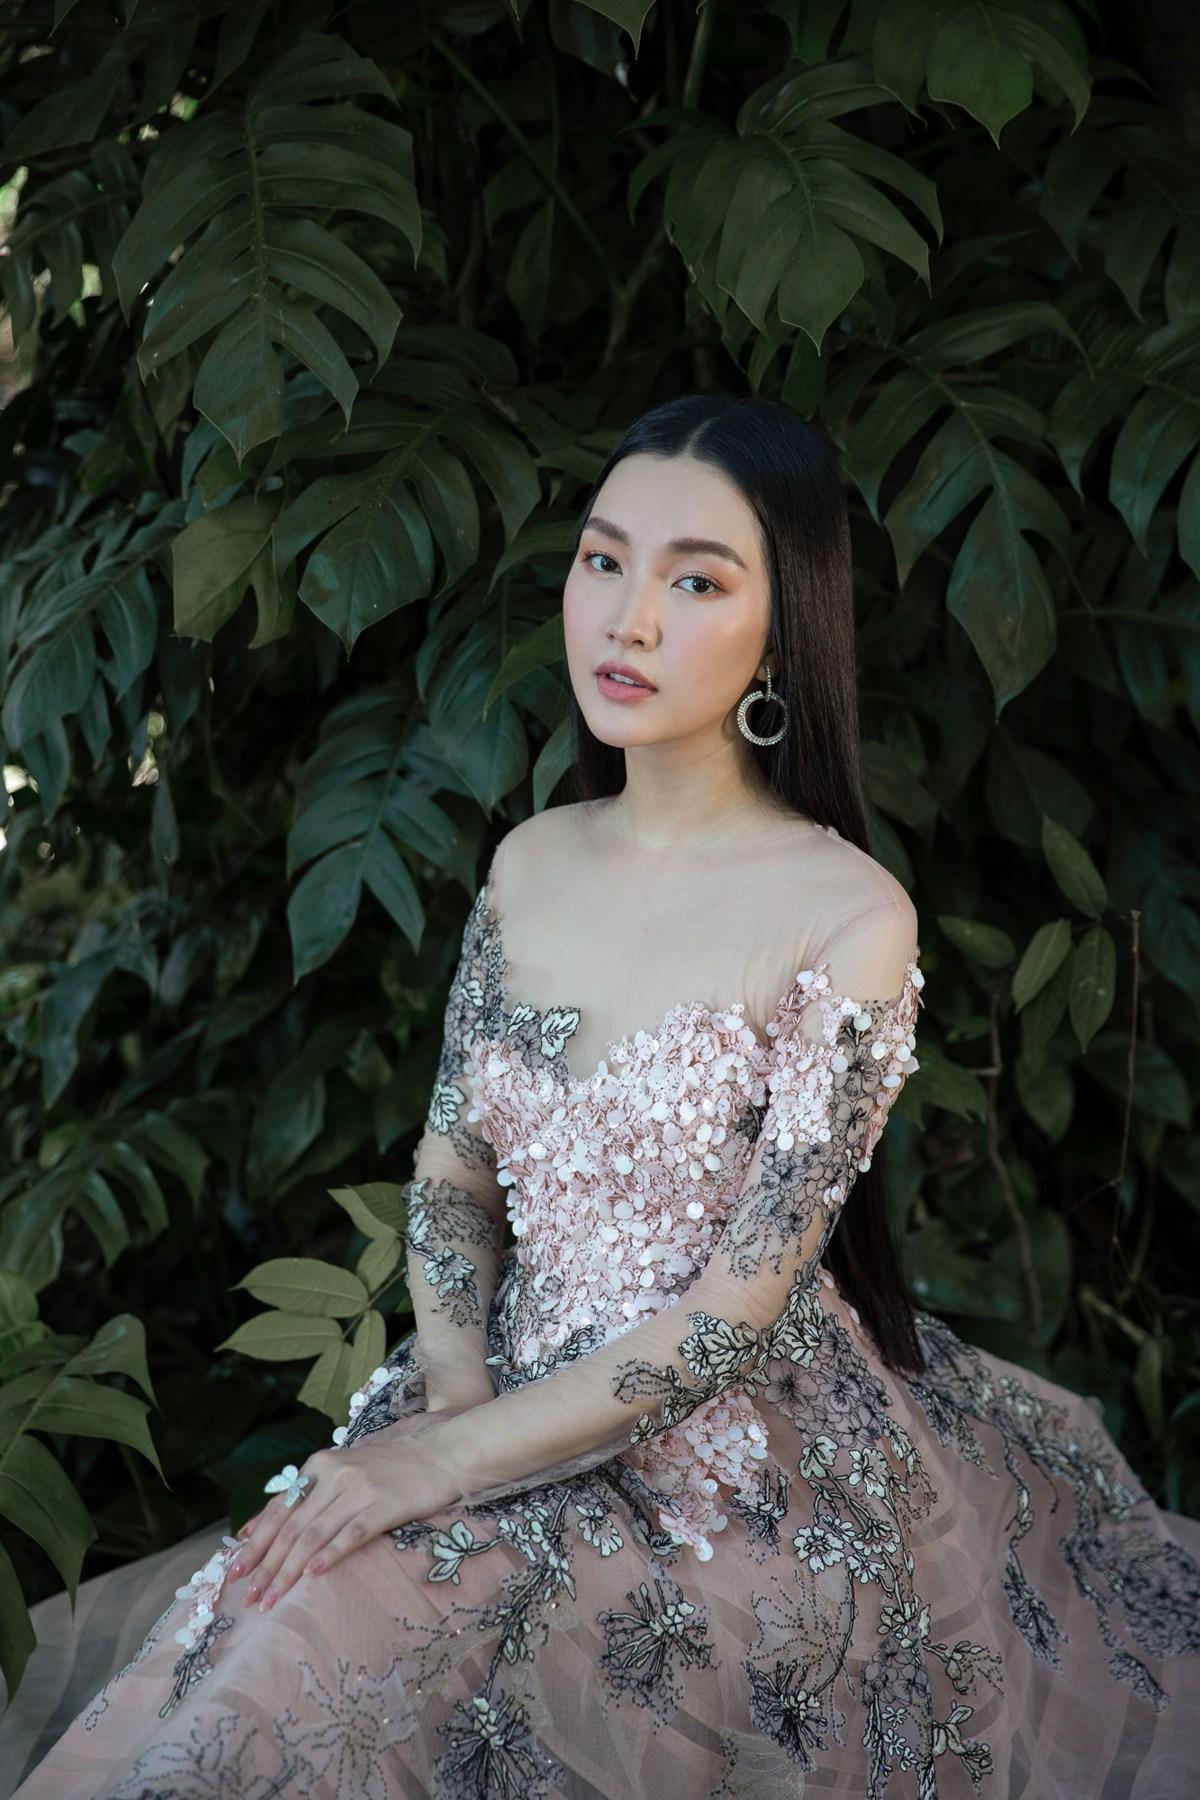 'Nàng thơ xứ Huế' Ngọc Trân cuốn hút với nét mơ màng trong loạt váy áo e ấp Ảnh 6